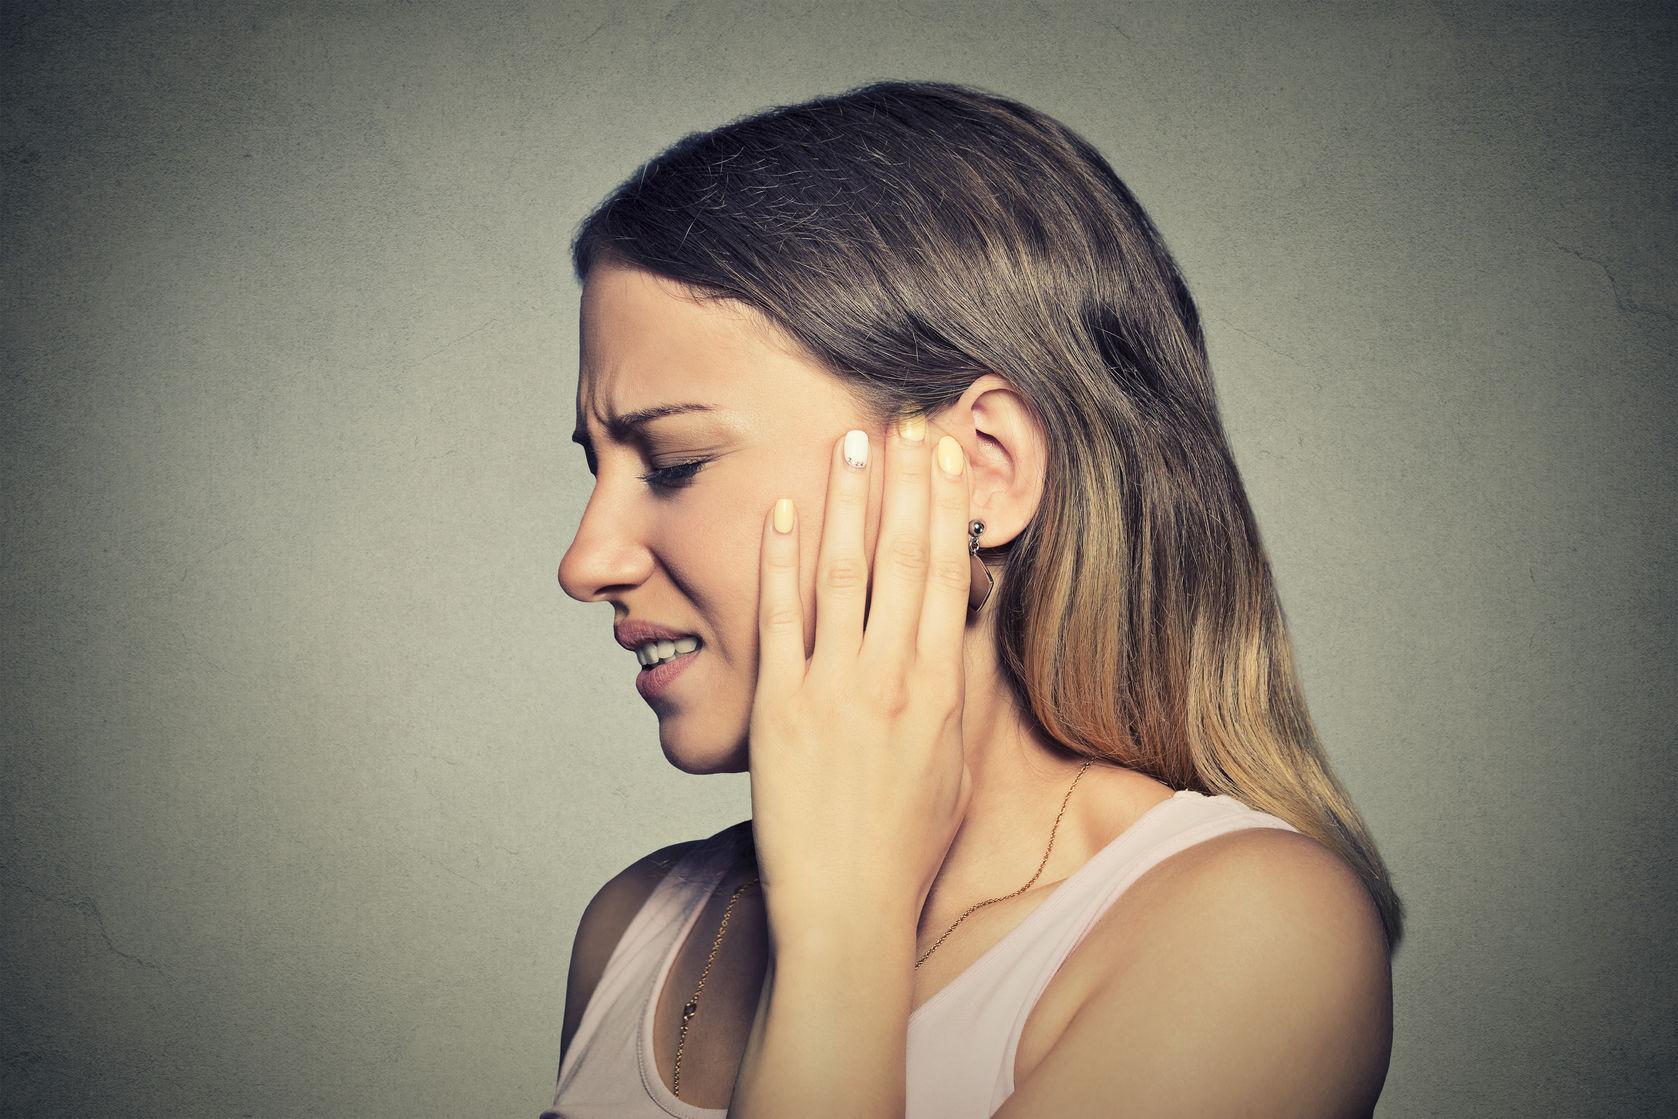 Mitől fájhat a fülünk?